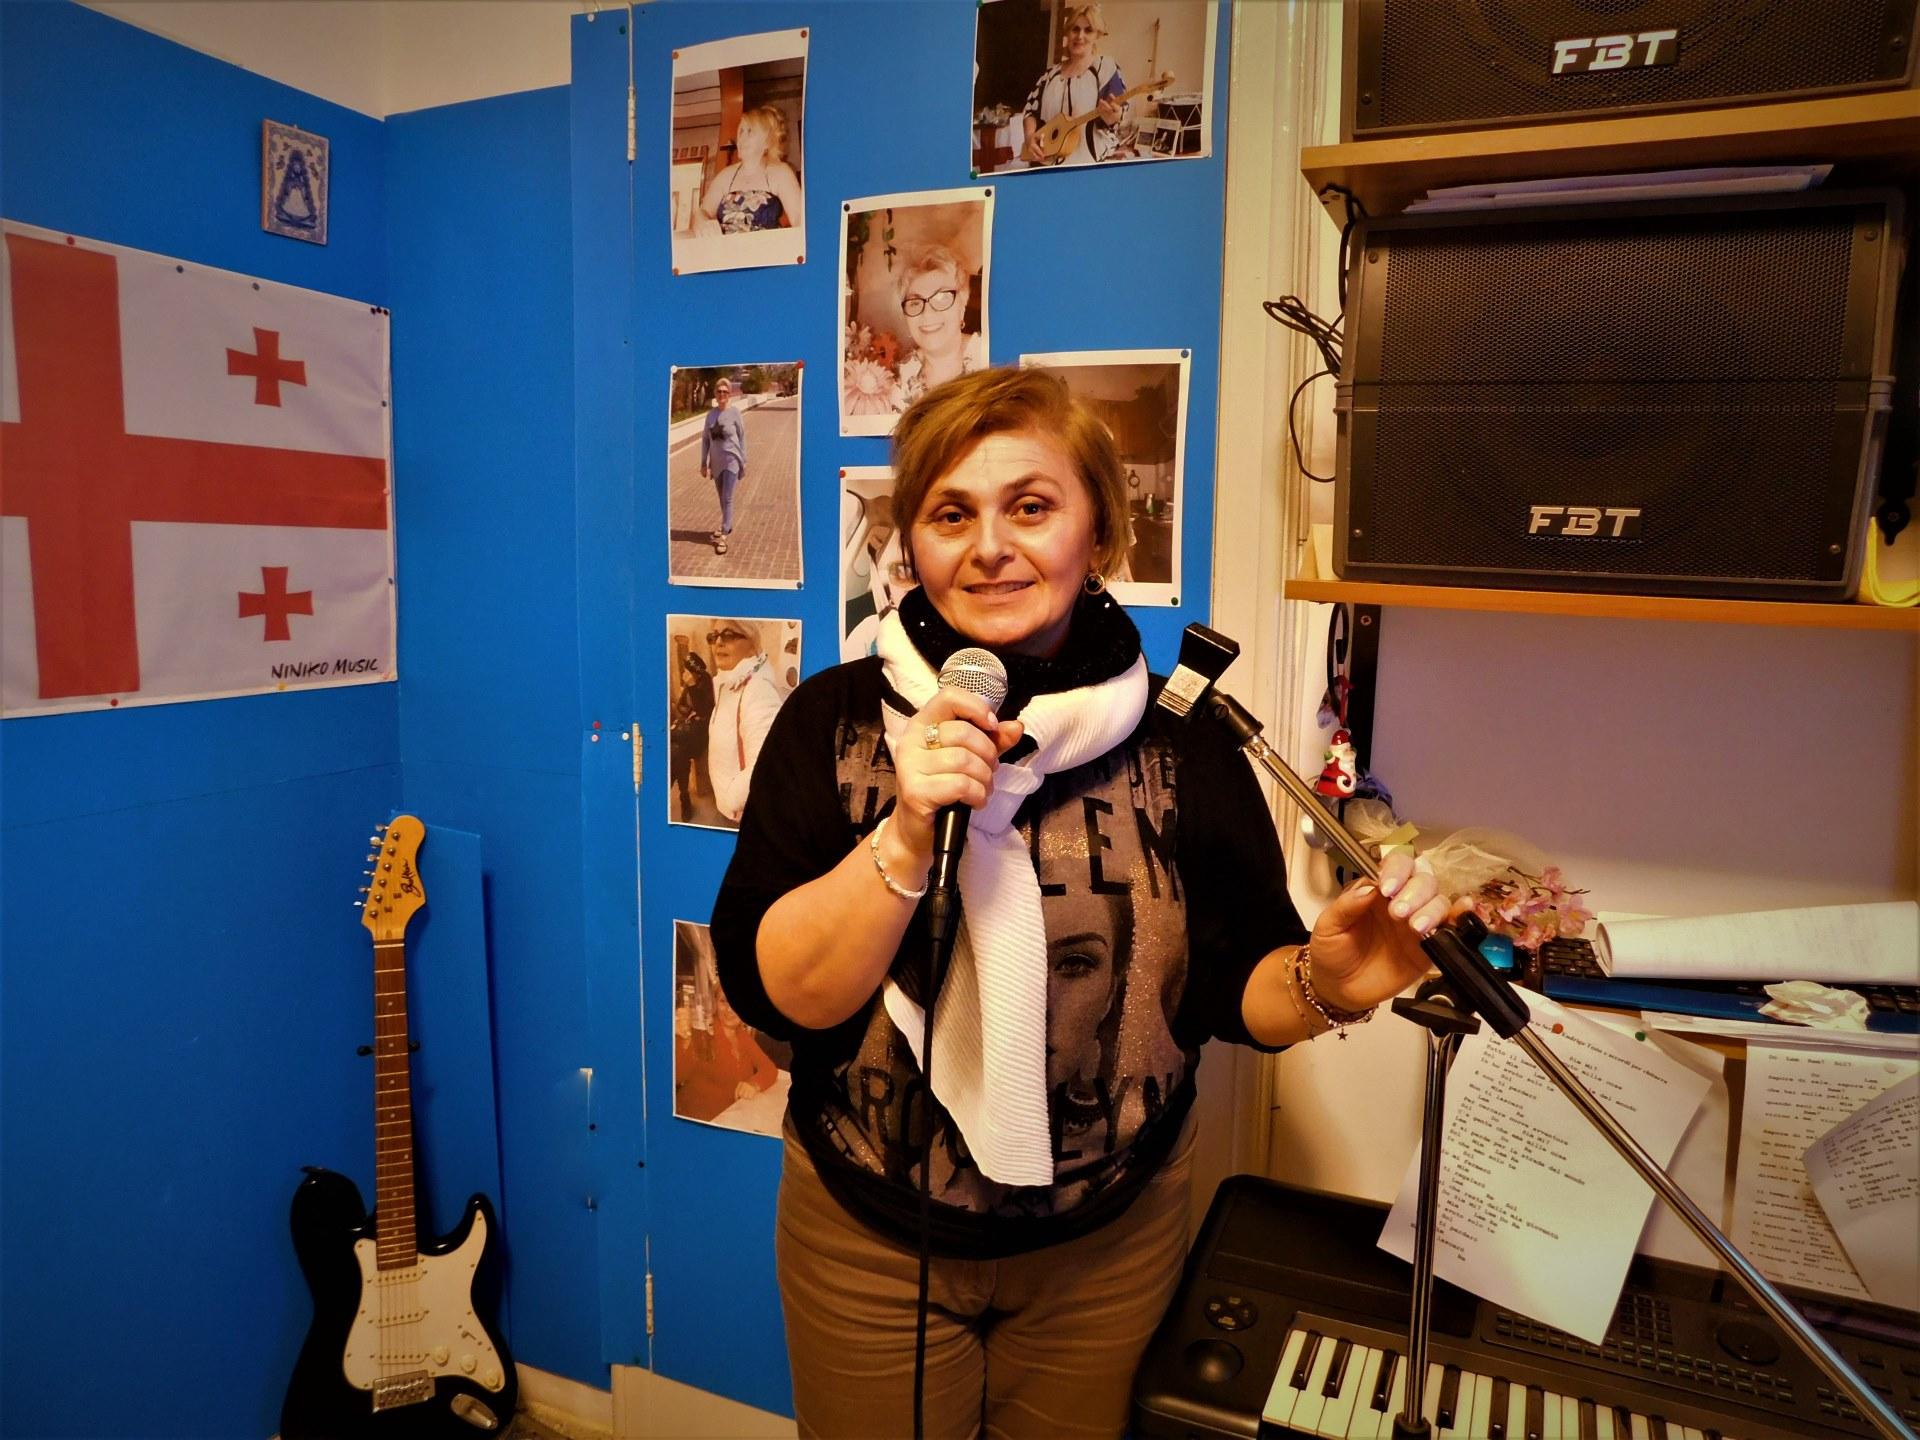 Niniko vive a Reggio Calabria dal 2011. Non avrebbe mai immaginato di diventare una badante. In Georgia era un medico con la passione per la musica - foto Pietro Battaglia